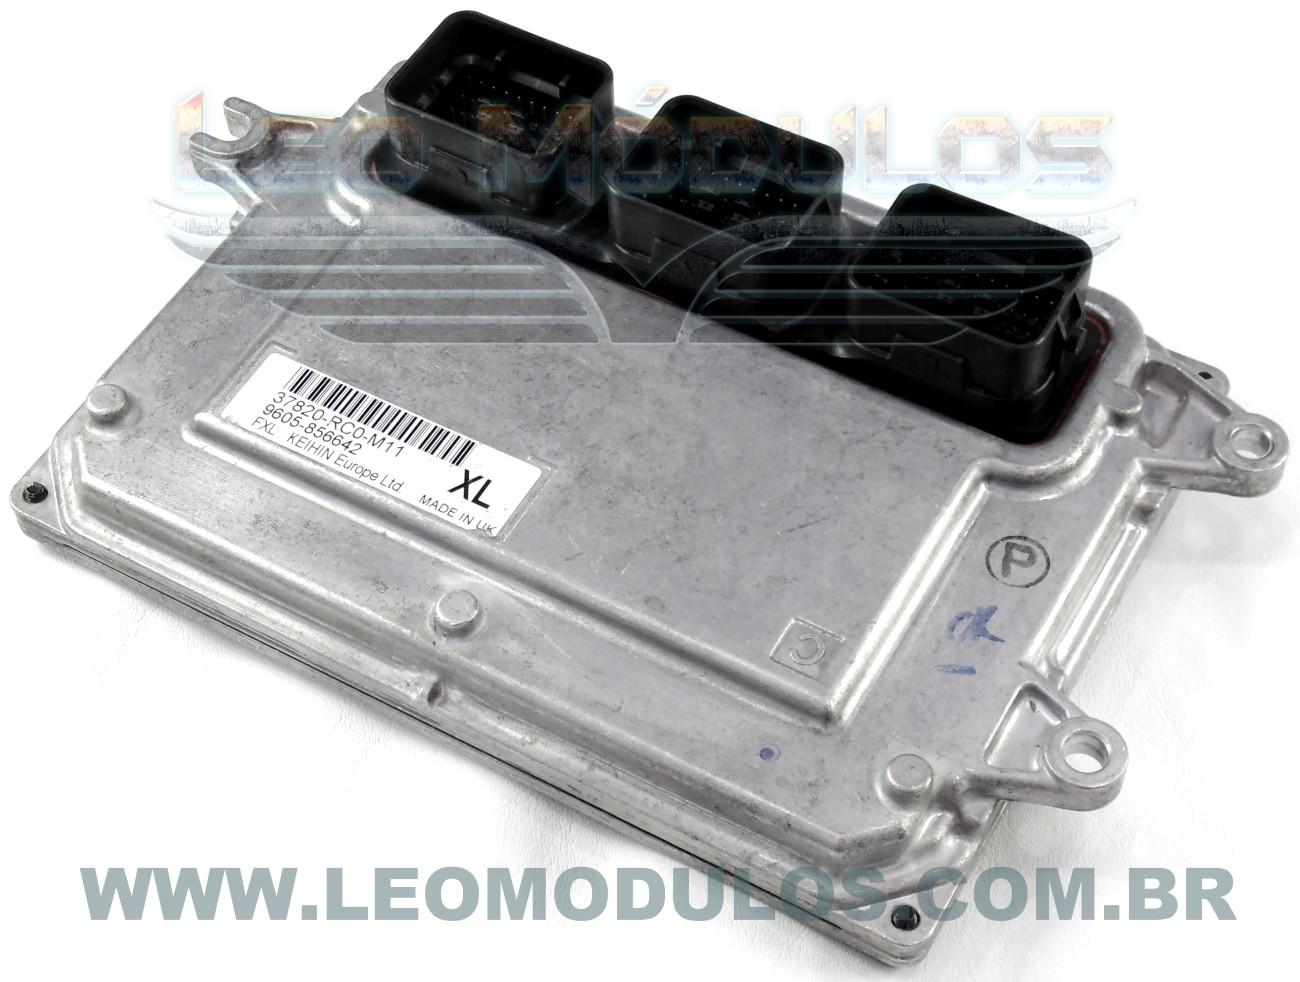 Módulo de injeção keihin - 37820RC0M11 XL - Honda Fit 1.4 16V - 37820-RC0-M11 - Leo Módulos